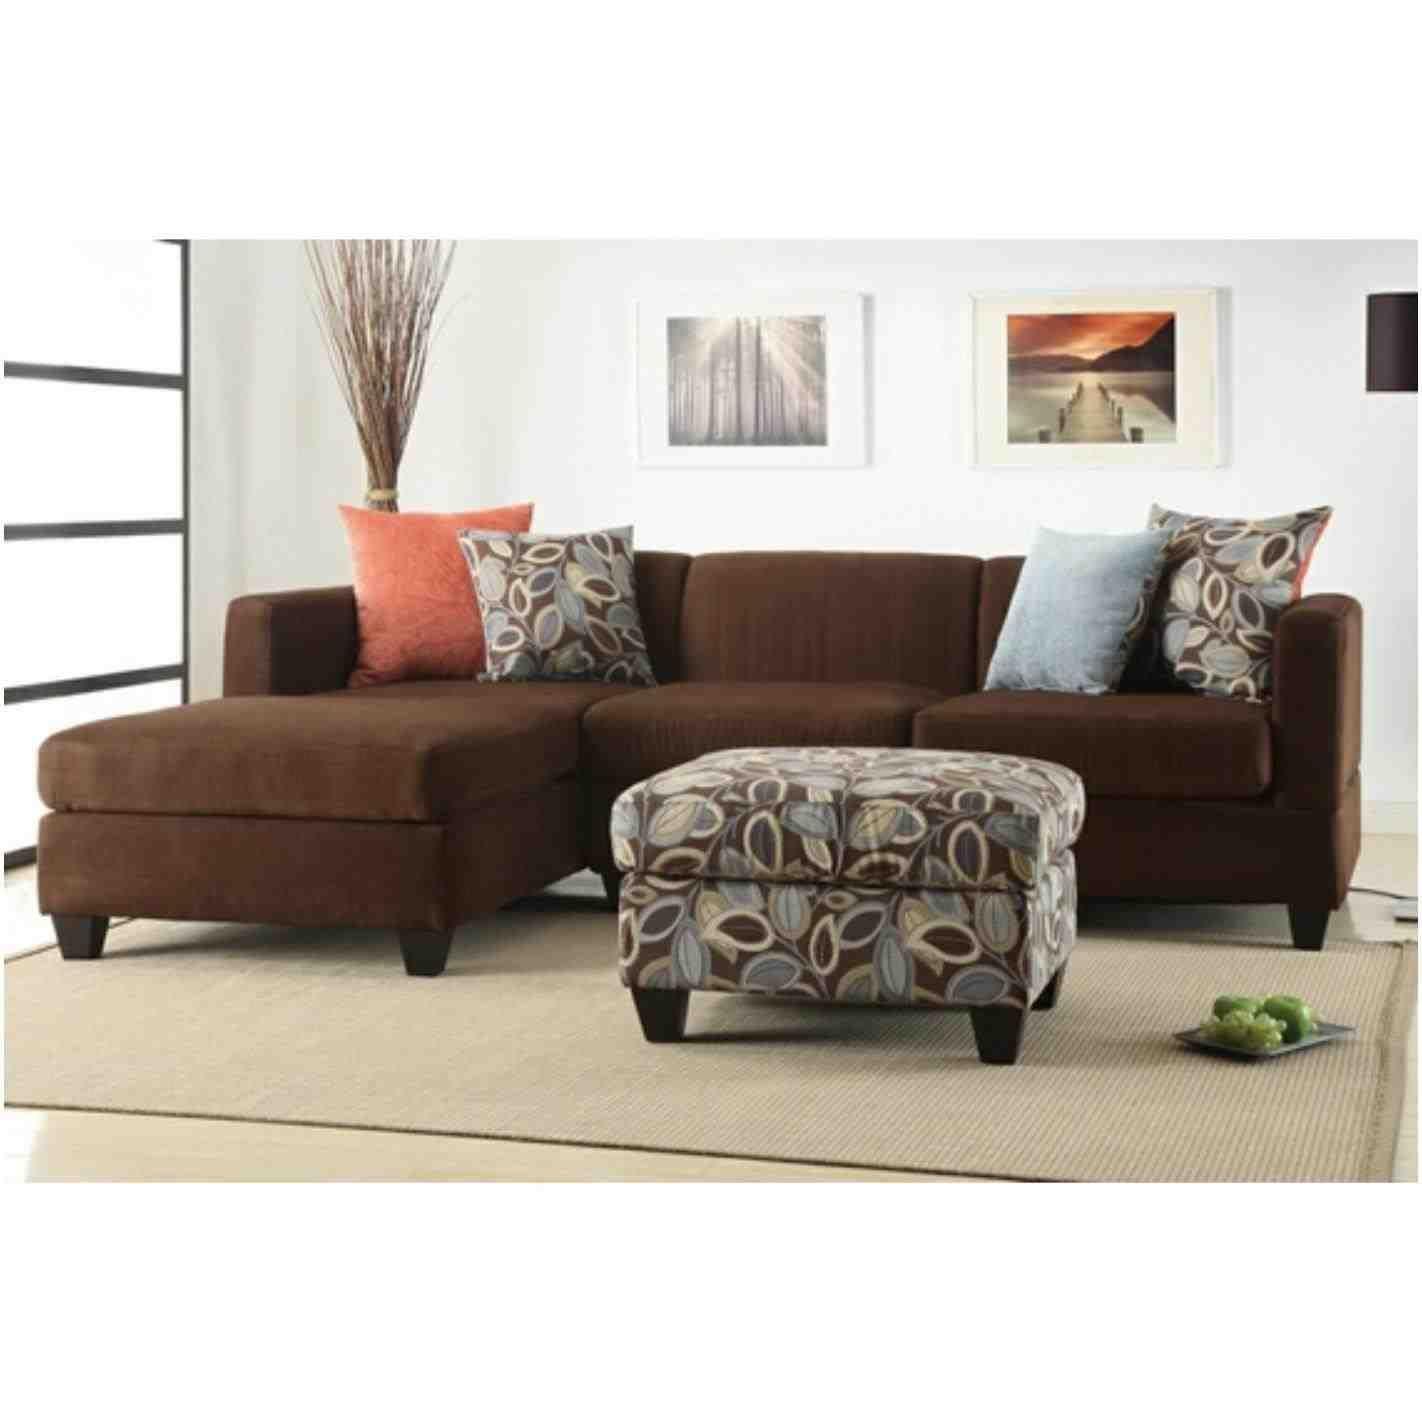 Tufted Leather Sofa Edmonton Sorrento Thomasville Used Black Fabric Bed 3ways